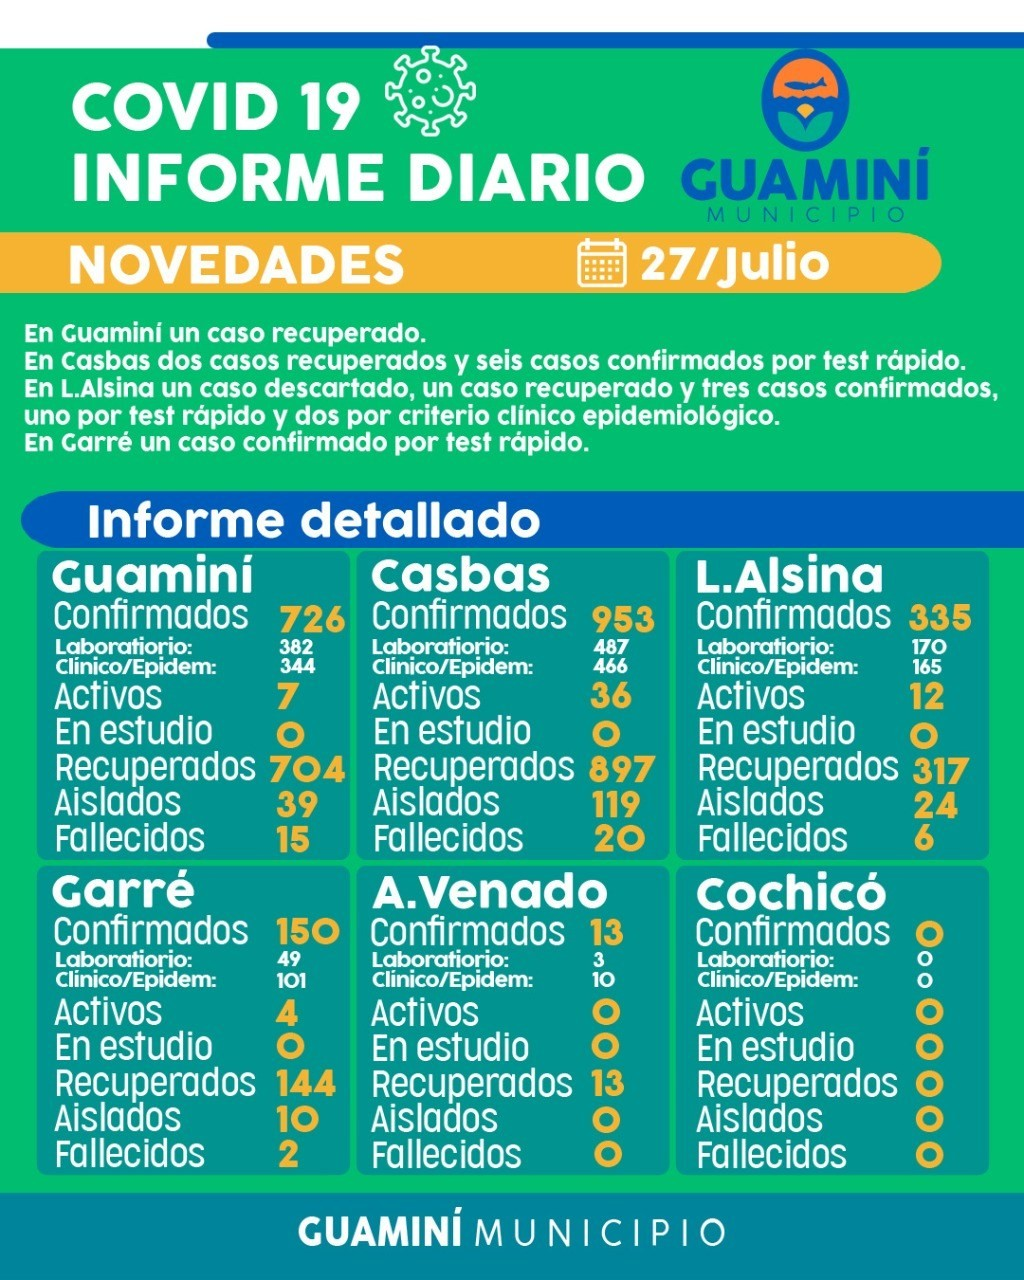 CORONAVIRUS: INFORME DIARIO DE SITUACIÓN A NIVEL LOCAL  - 27 DE JULIO -